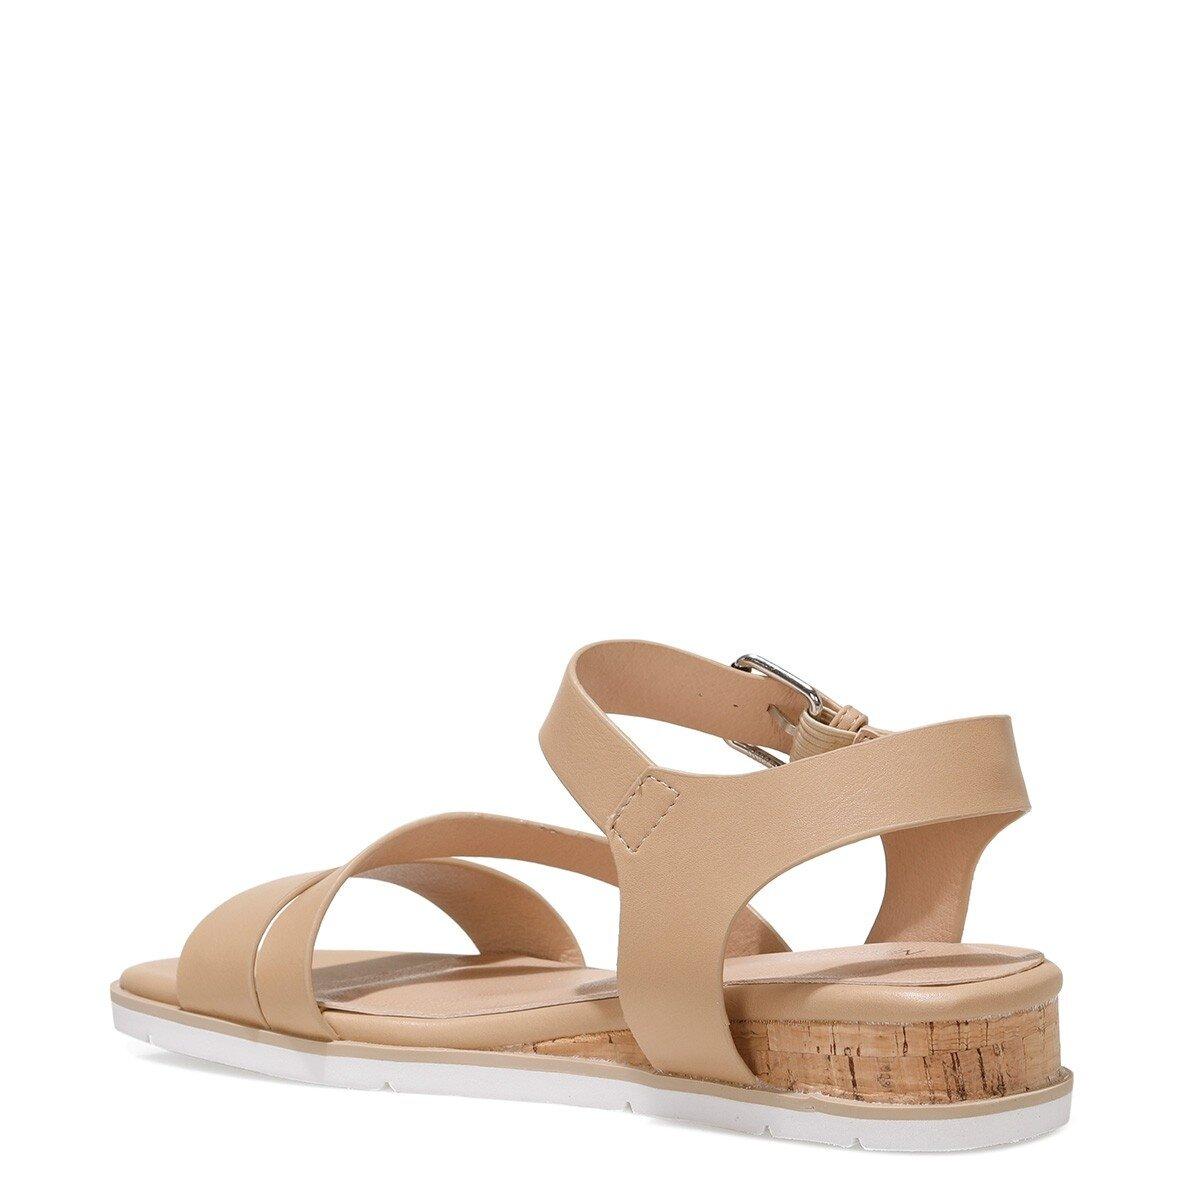 LEOTA 1FX Bej Kadın Düz Sandalet